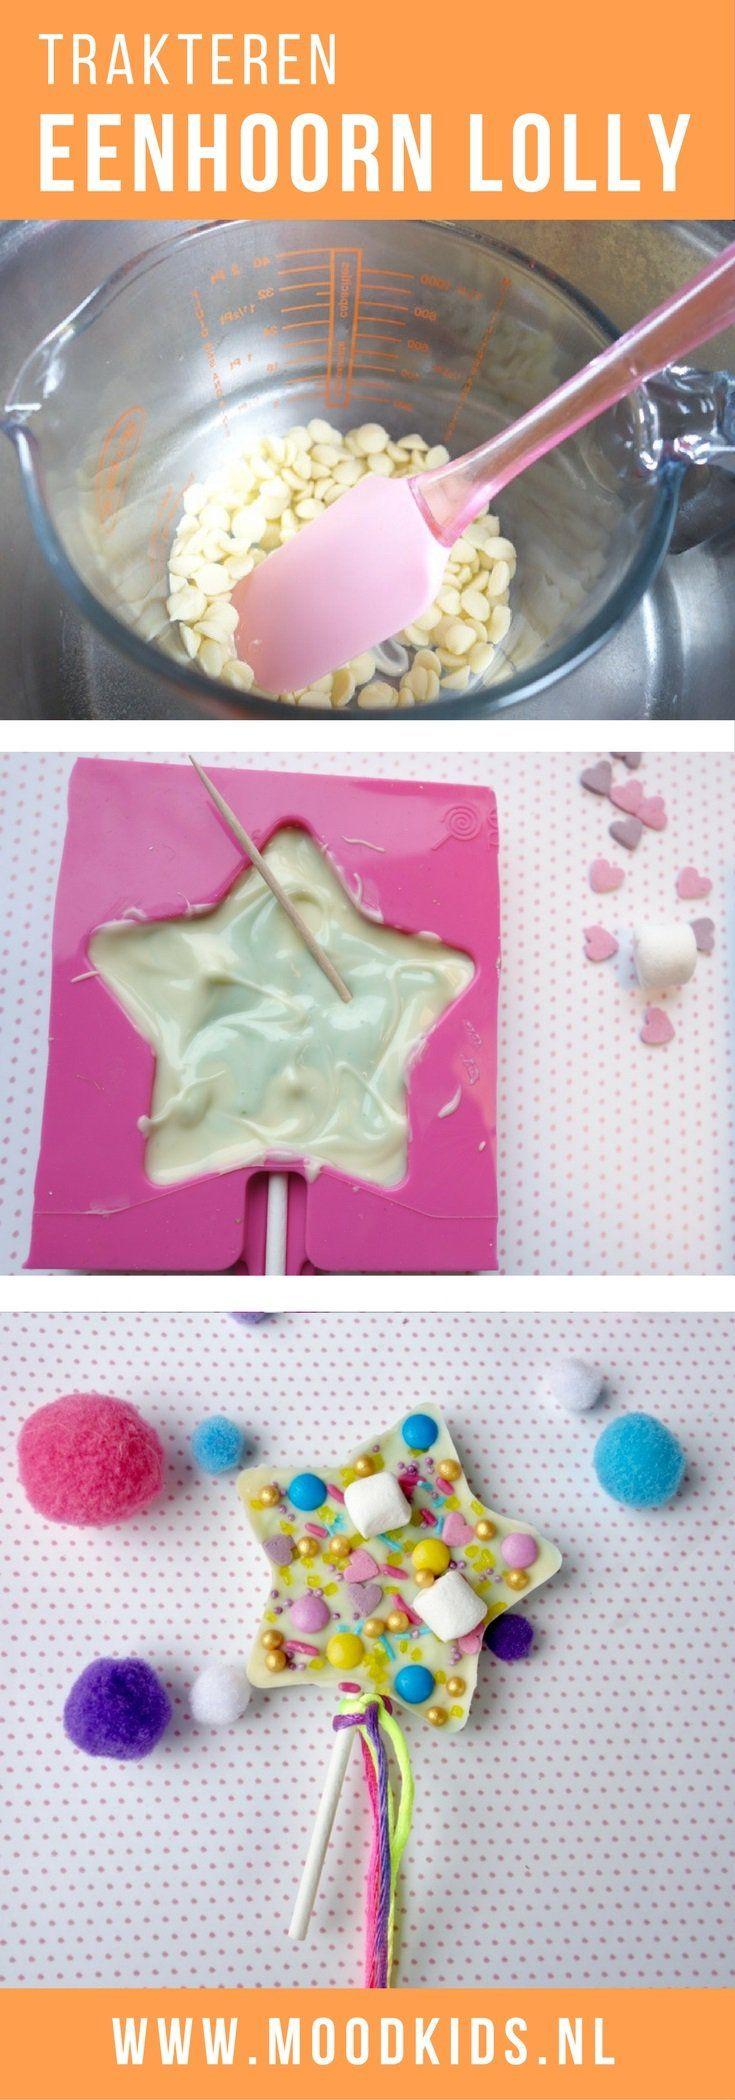 Een eenhoorn chocolade lolly maken als traktatie of cadeautje | MoodKids